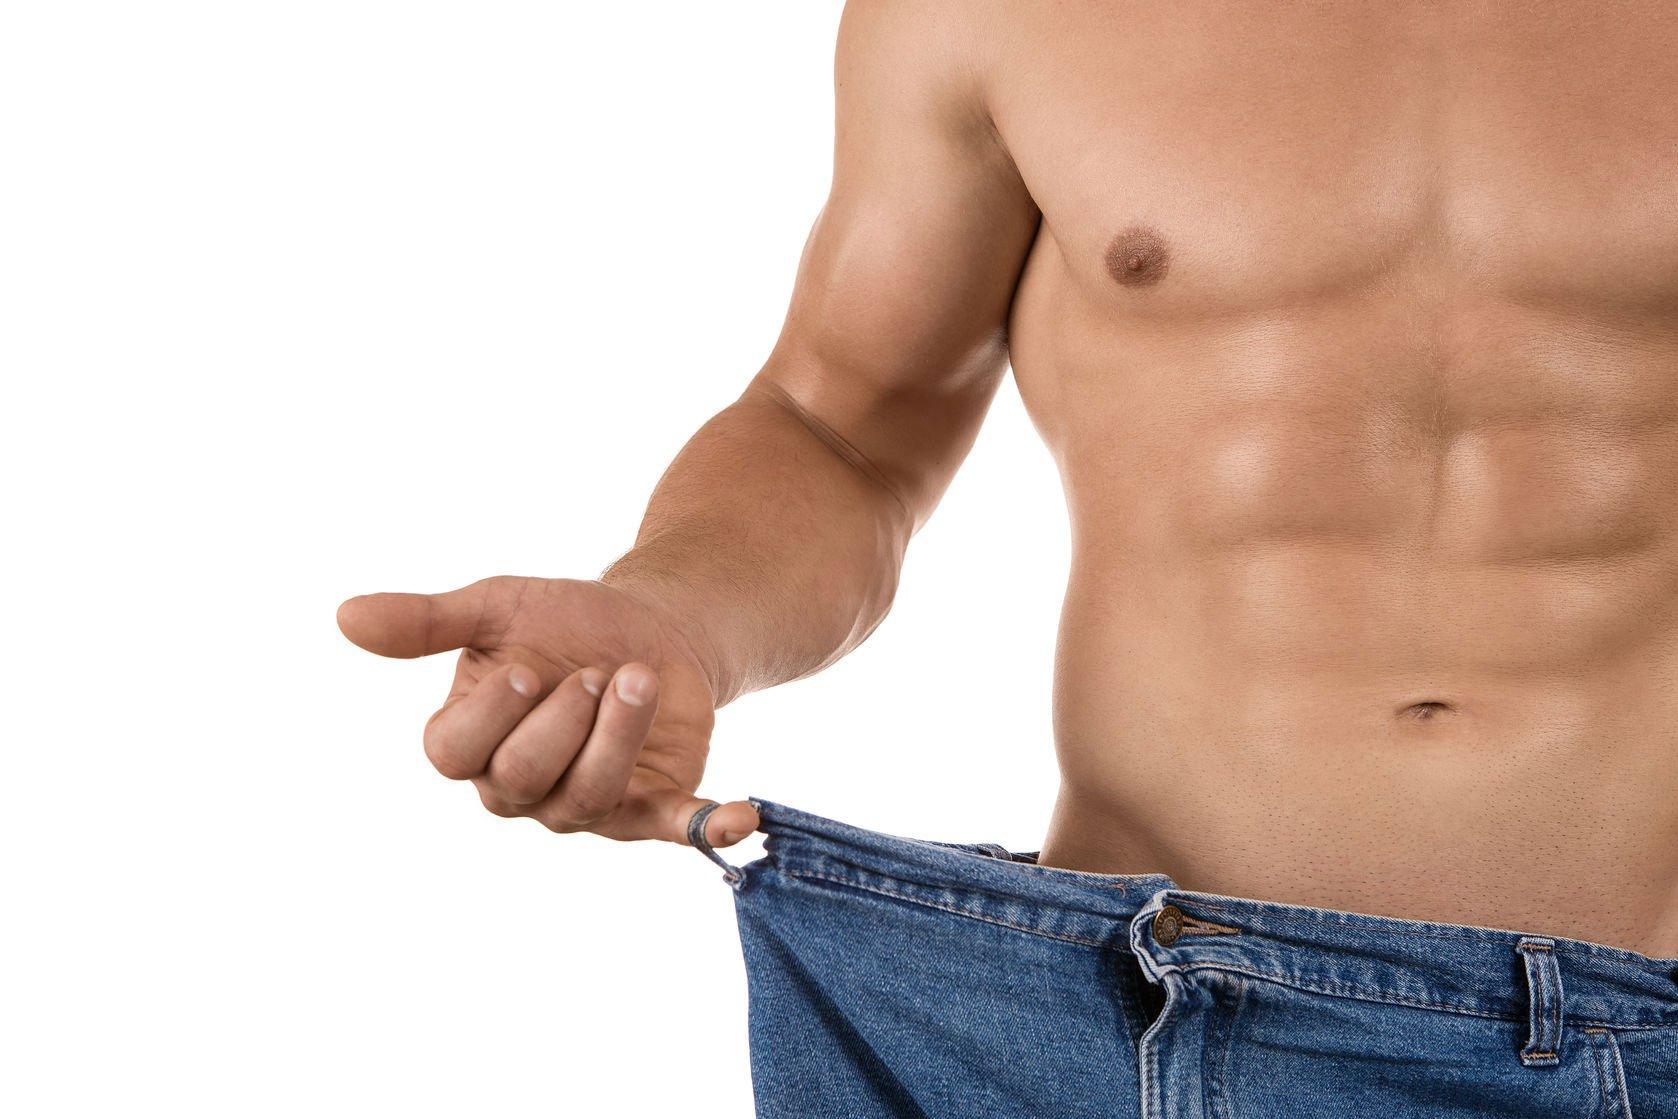 """تعرف على هذه الآلية لتفتيت الدهون من خلال طريقة """"ثيرموغينيسيس"""" - سبورت 360 عربية"""